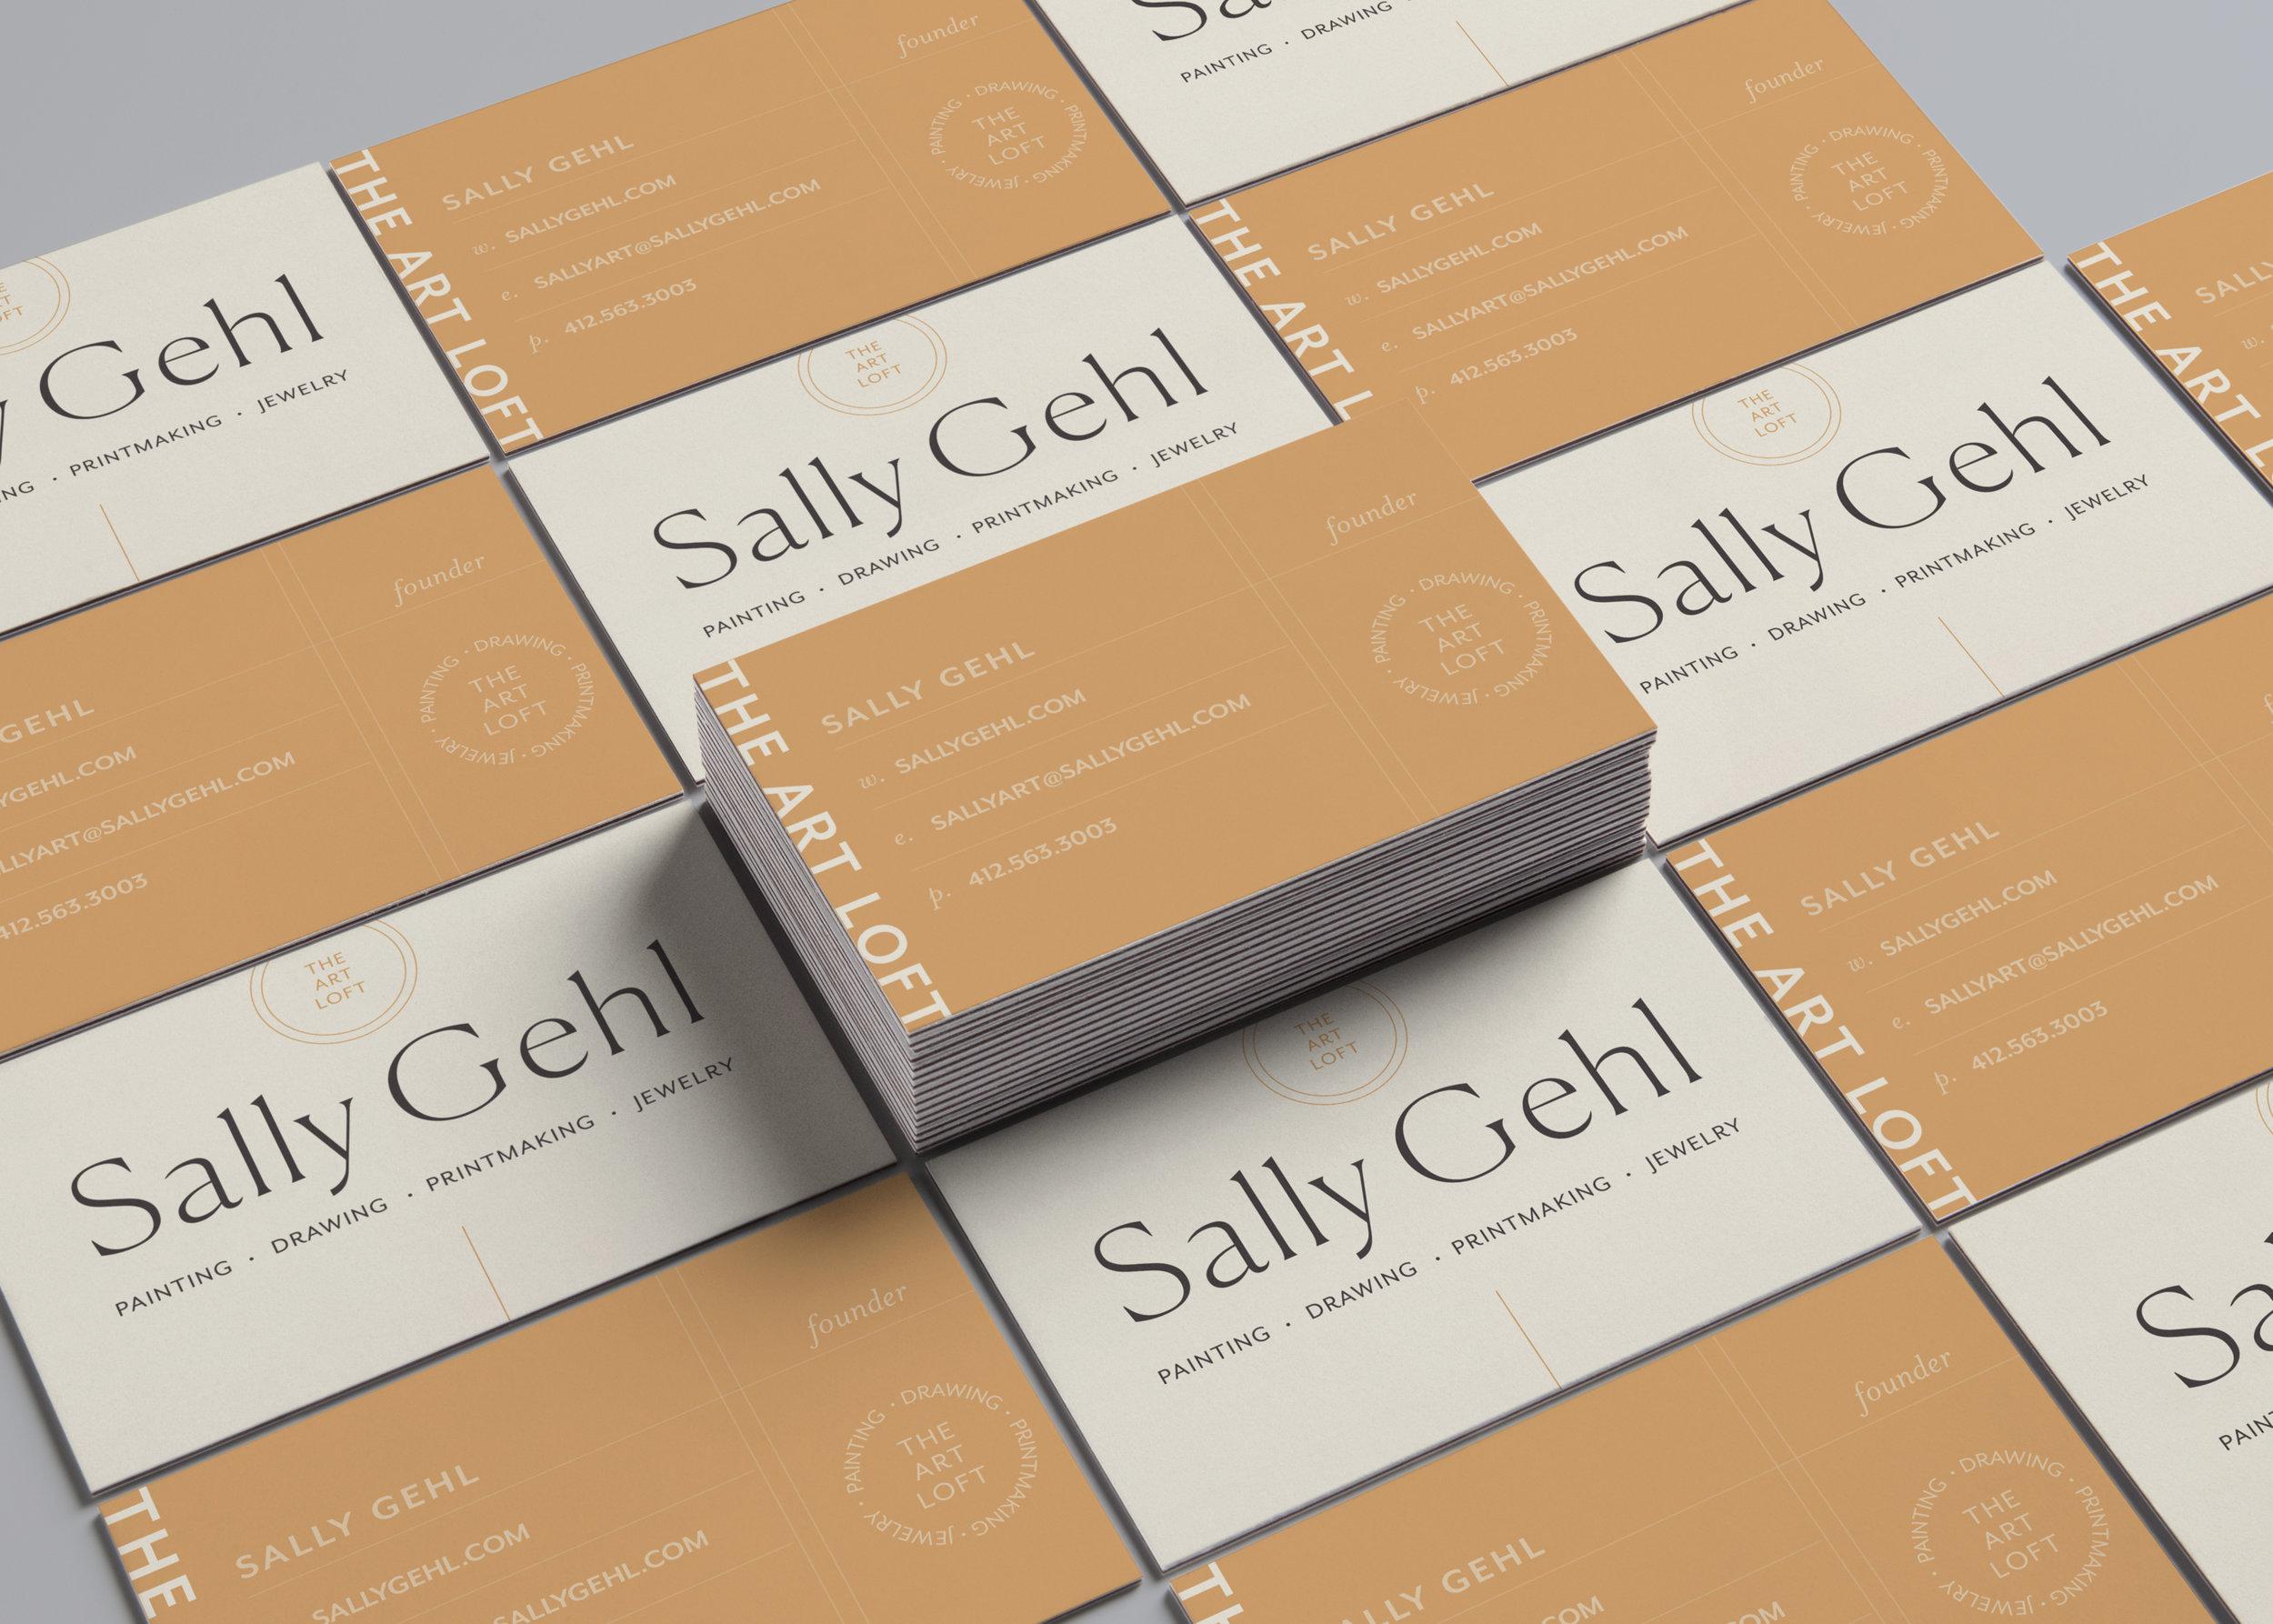 Sally-Gehl-Two.jpg